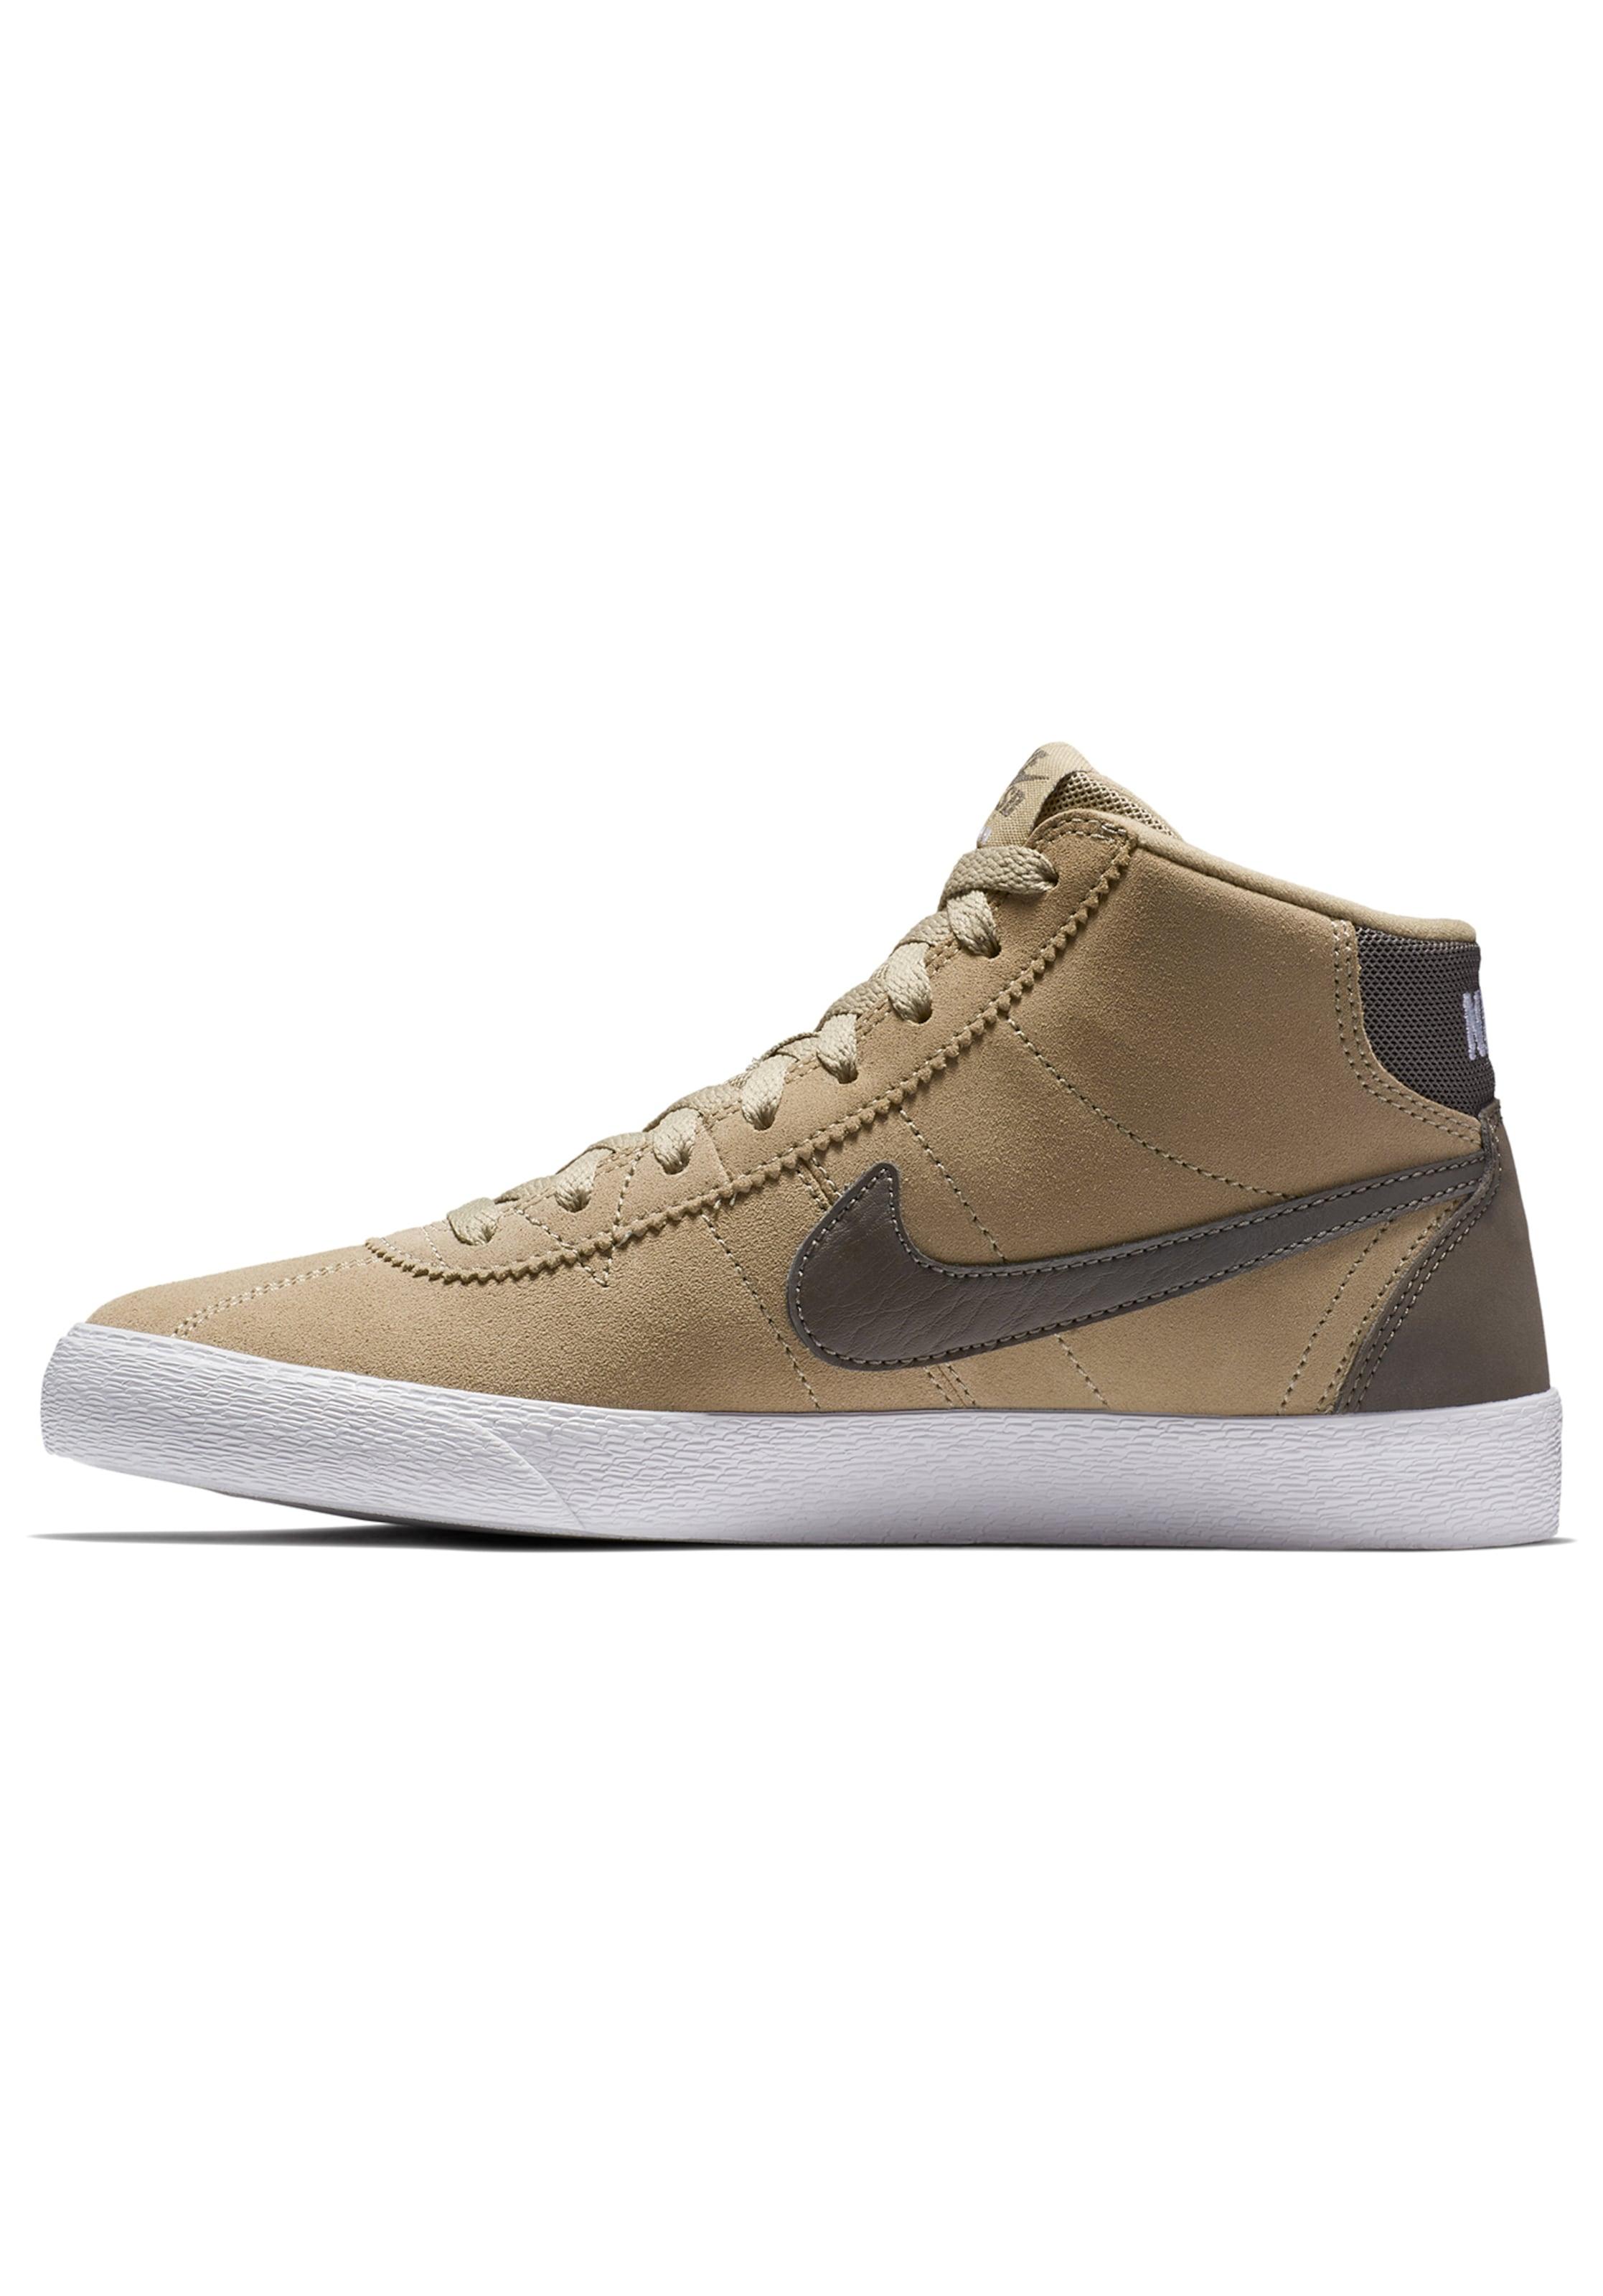 Nike SB Sneaker  Bruin Hi